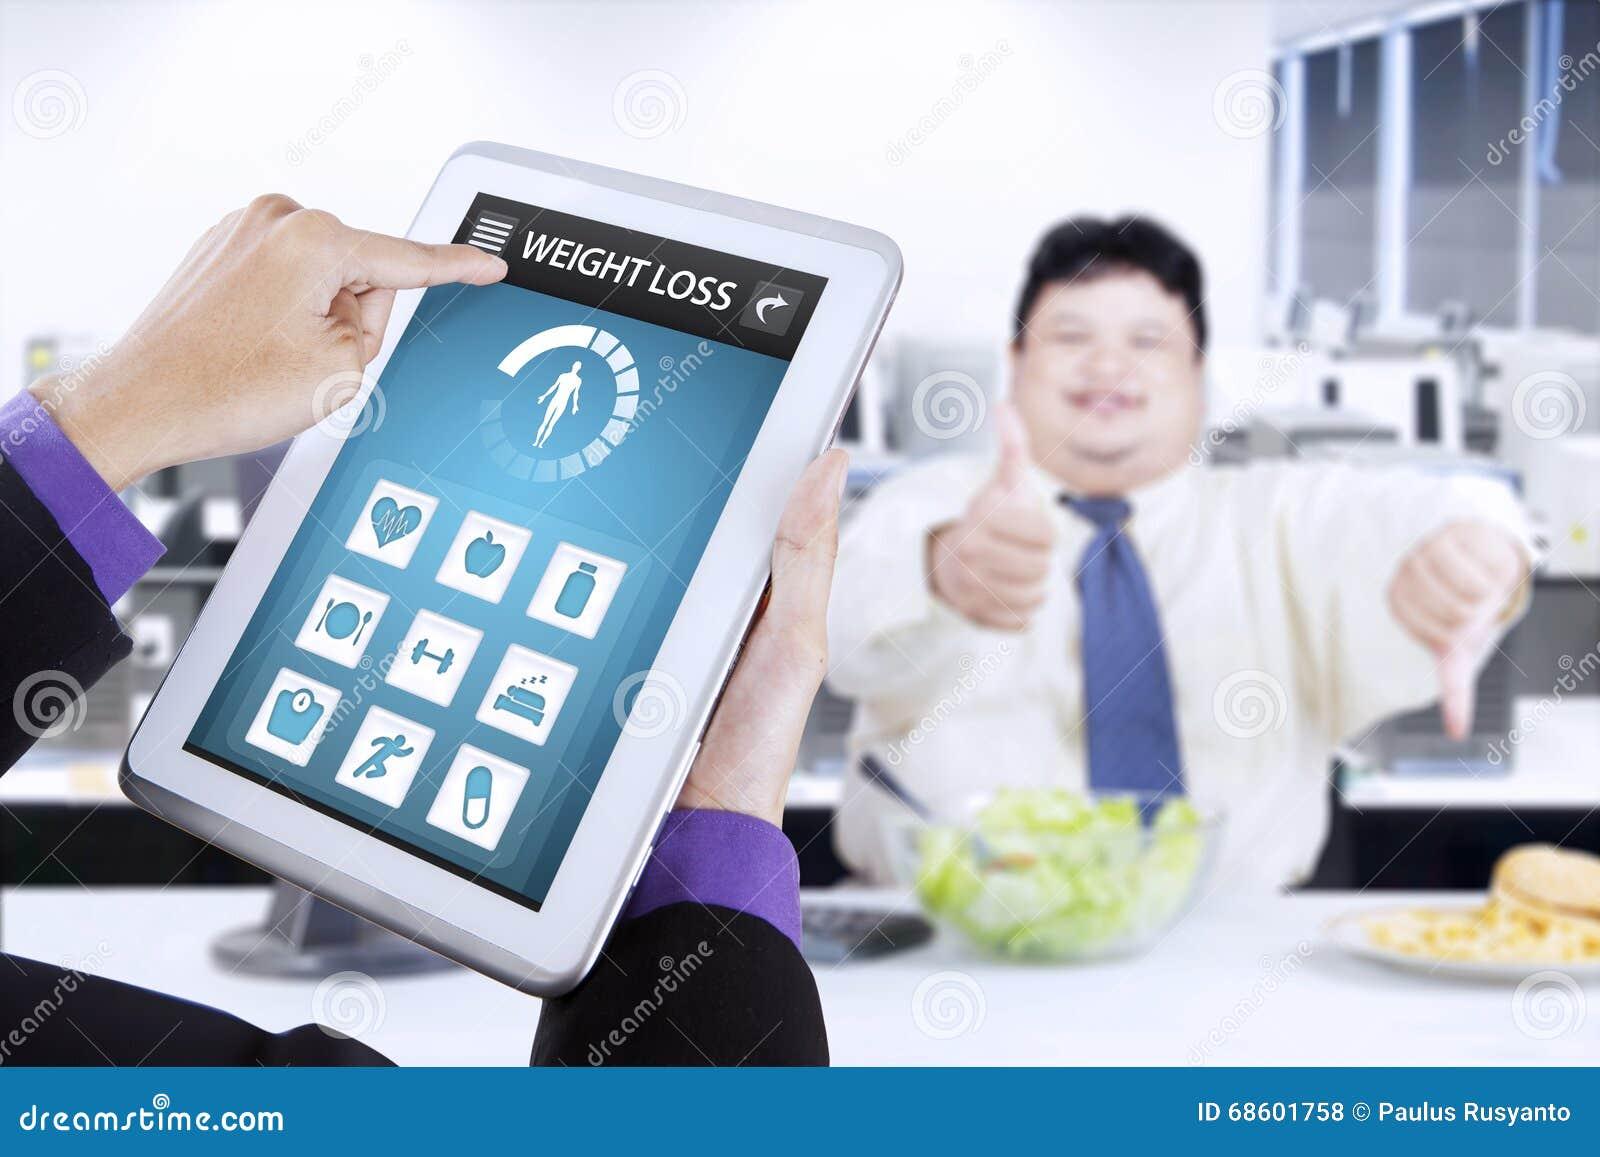 weight loss tv infomercial